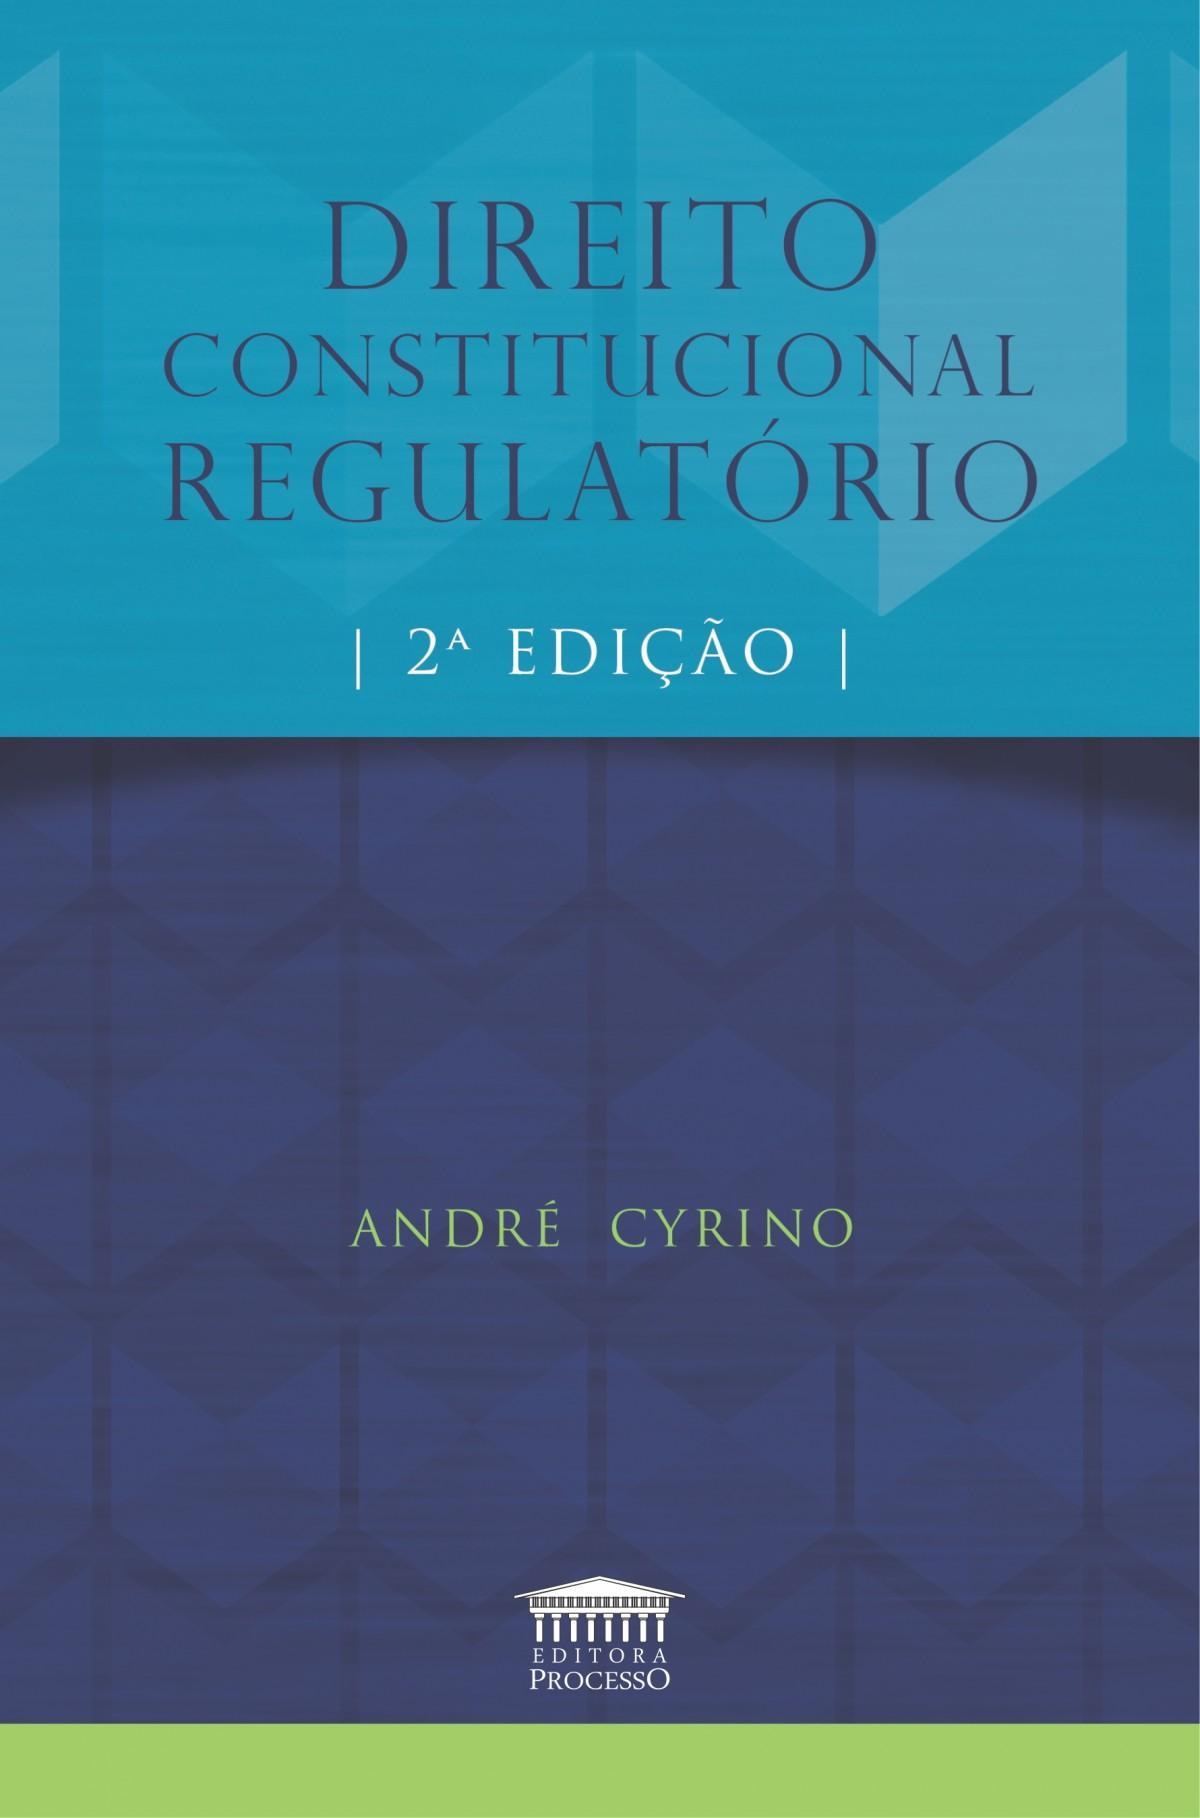 Foto 1 - Direito Constitucional Regulatório - 2ª Edição